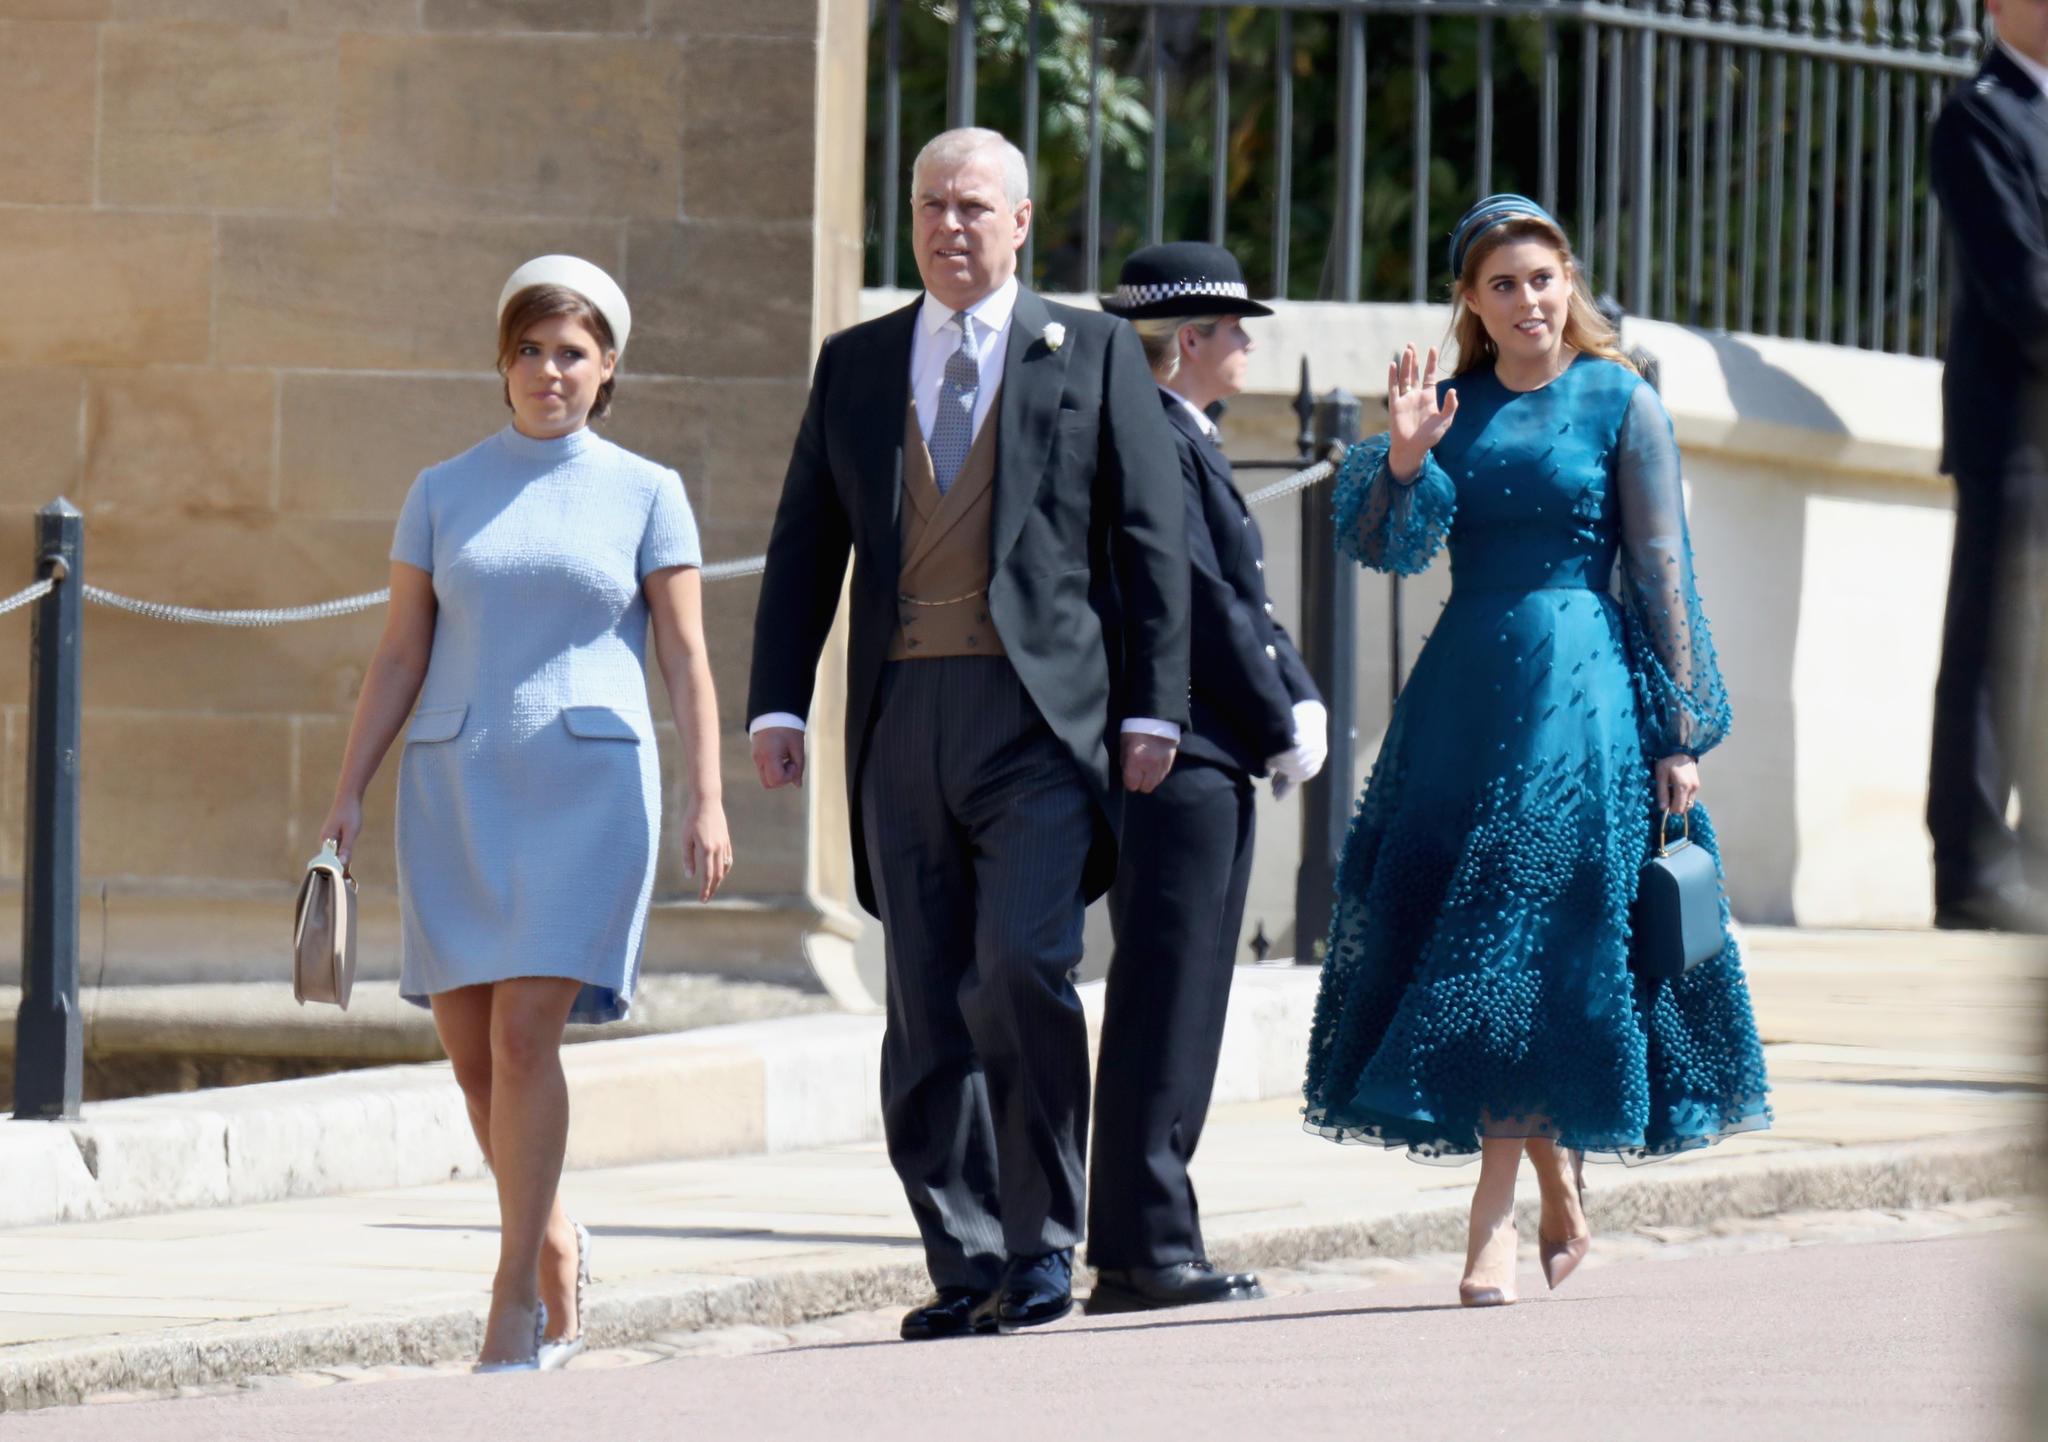 Prinzessin Eugenie (links) erscheint mit Prinz Andrew und Prinzessin Beatrice zur Hochzeit von Herzogin Meghan und Prinz Harry.